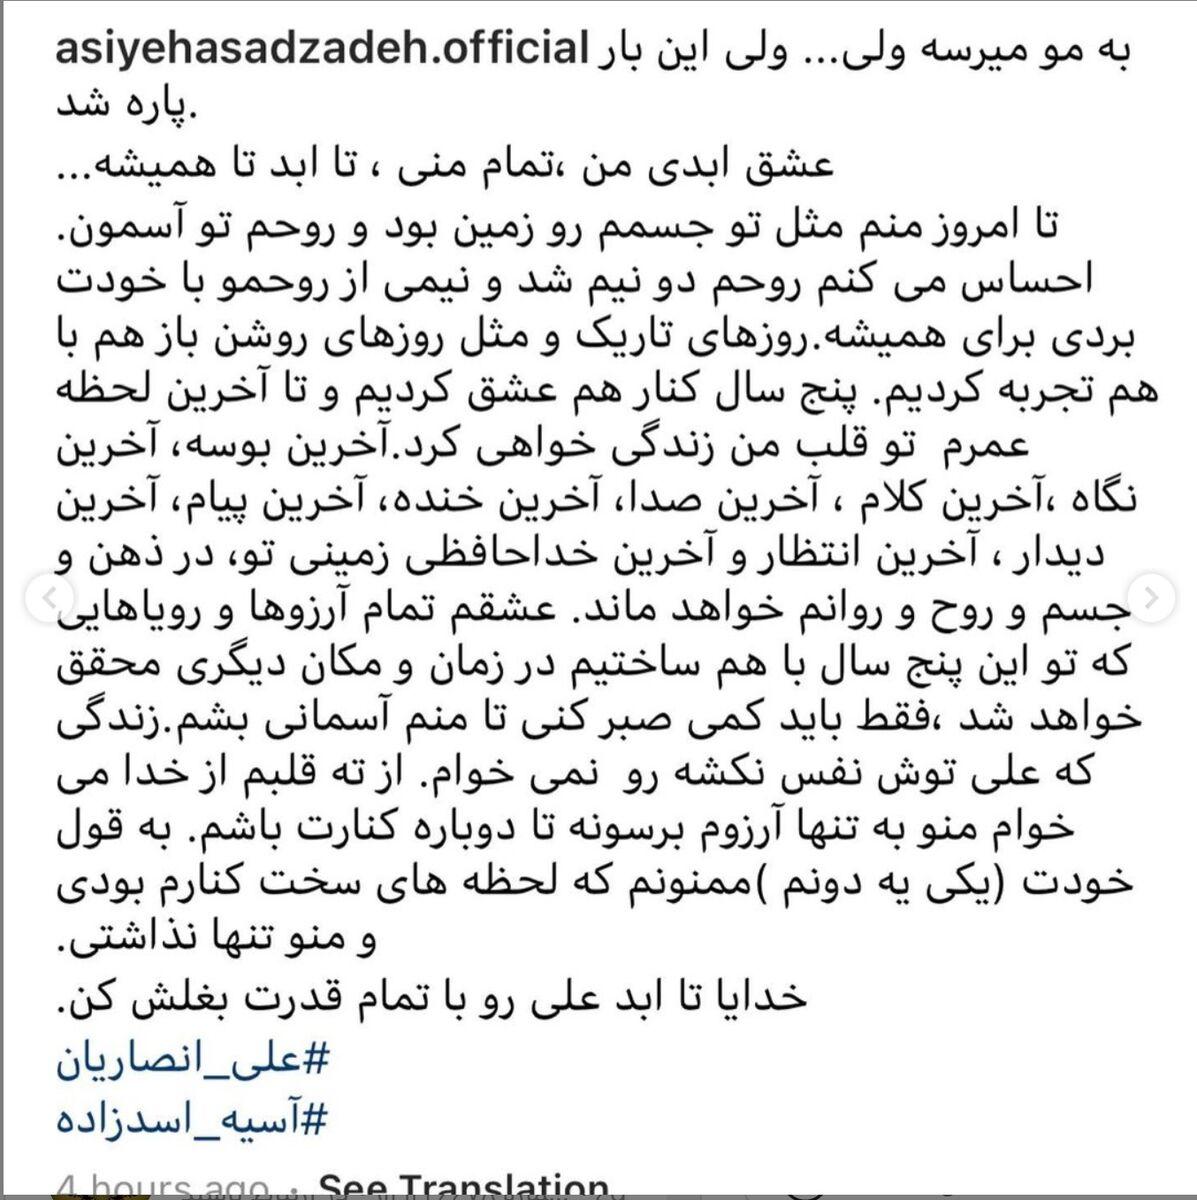 ساعاتی از وایرال شدن این ادعا در فضای مجازی نگذشته بود که مجید قریشی پسرخاله علی انصاریان آن را تکذیب کرد و در صفحه اینستاگرام خود نوشت: